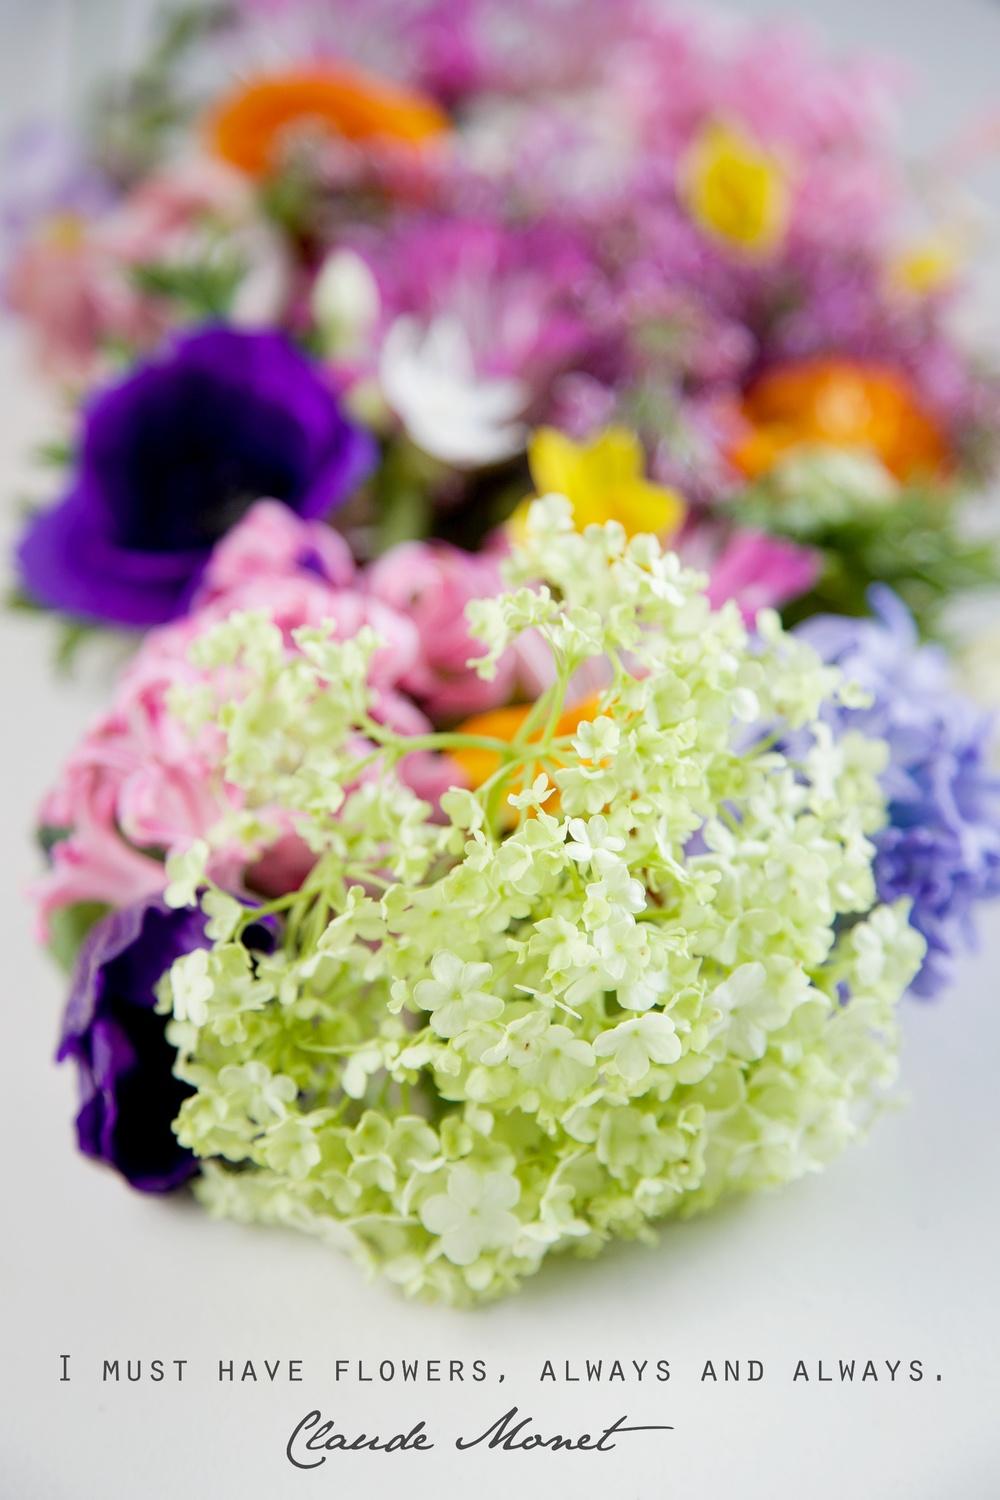 Flower Quote.jpg